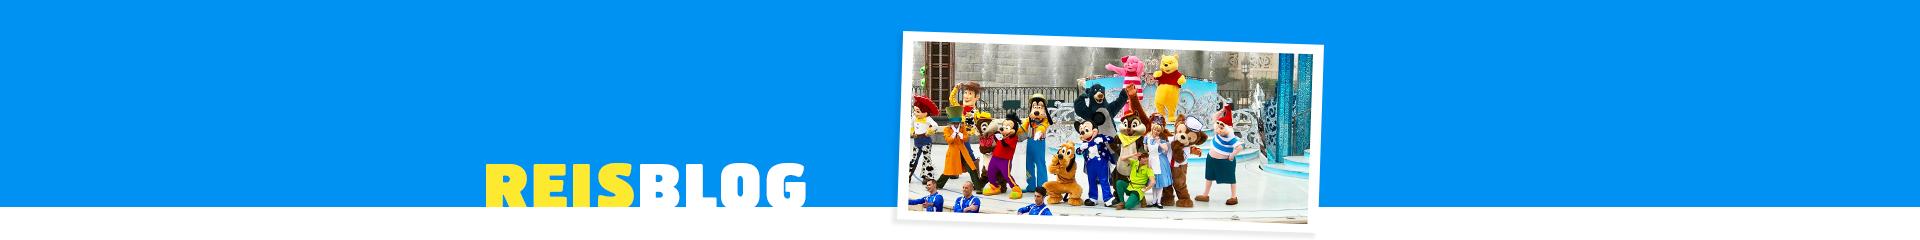 Disneyland Parijs kasteel show